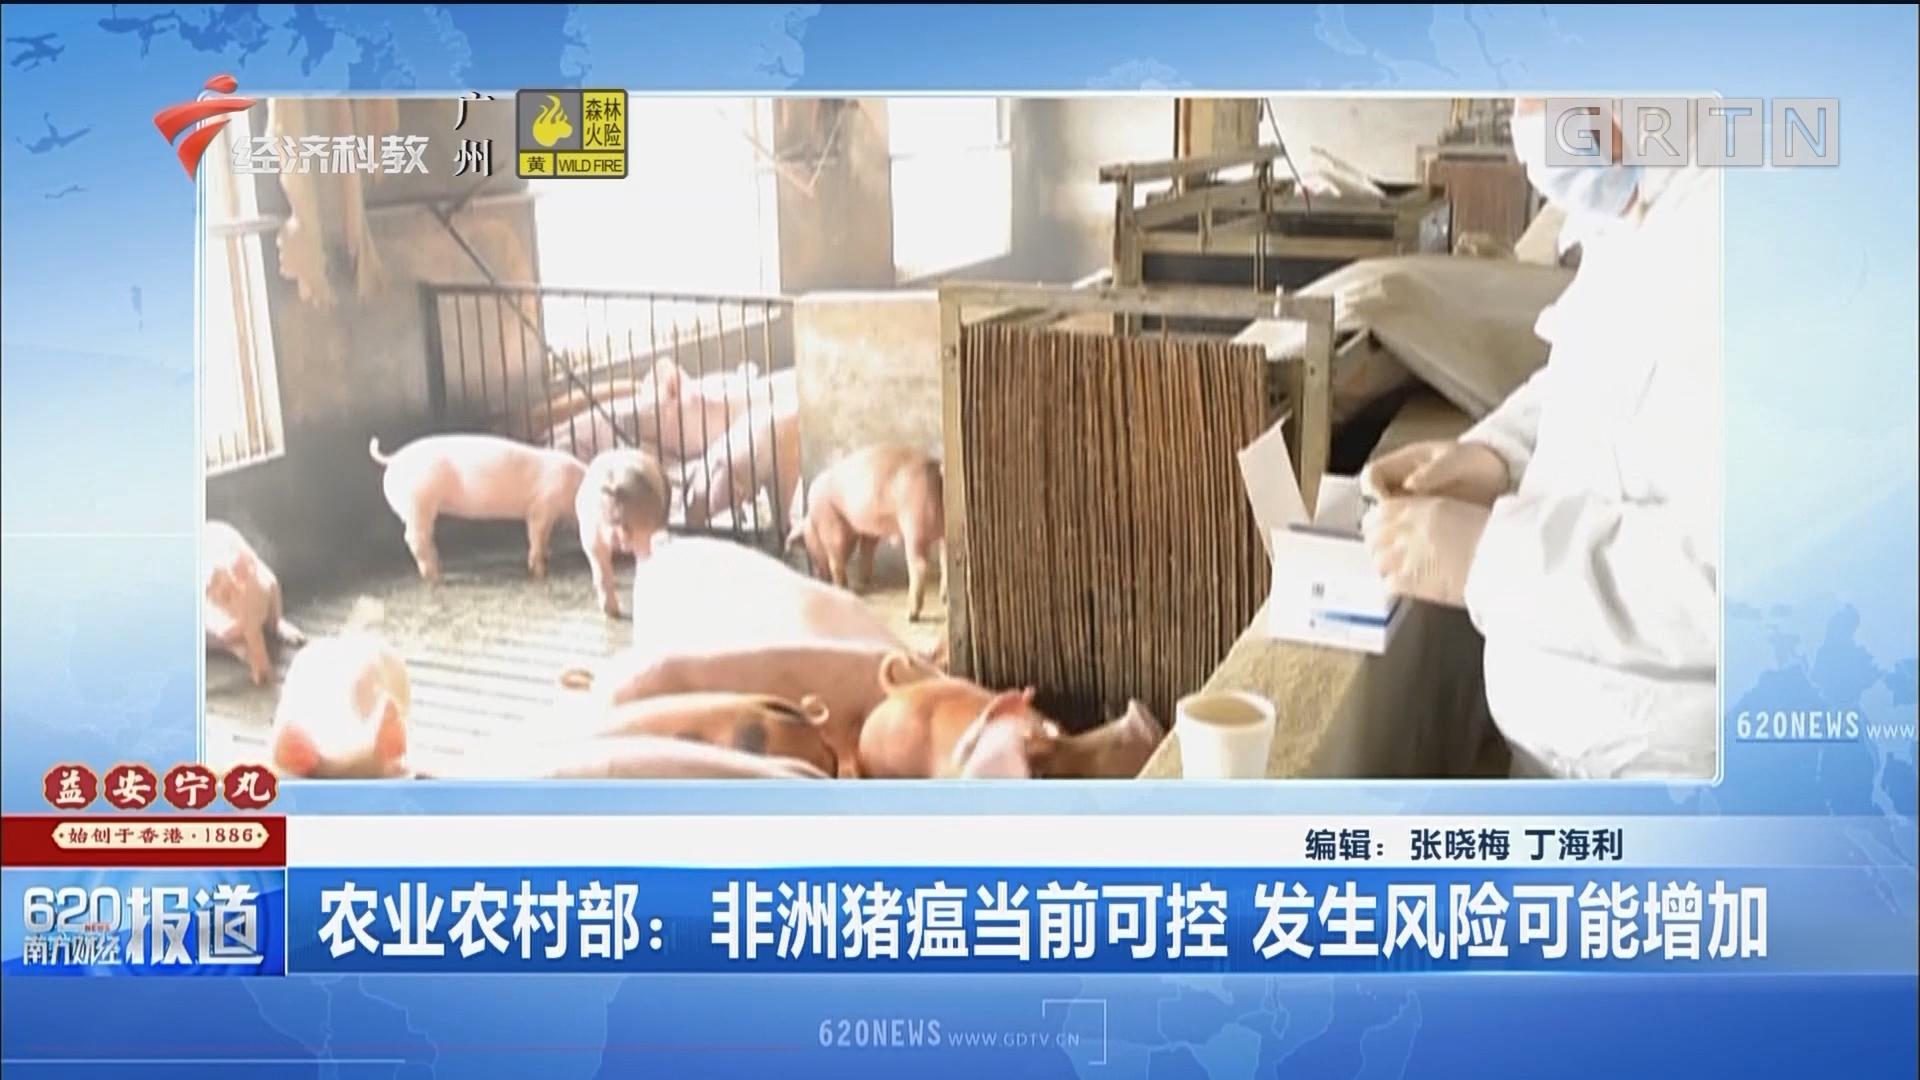 农业农村部:非洲猪瘟当前可控 发生风险可能增加